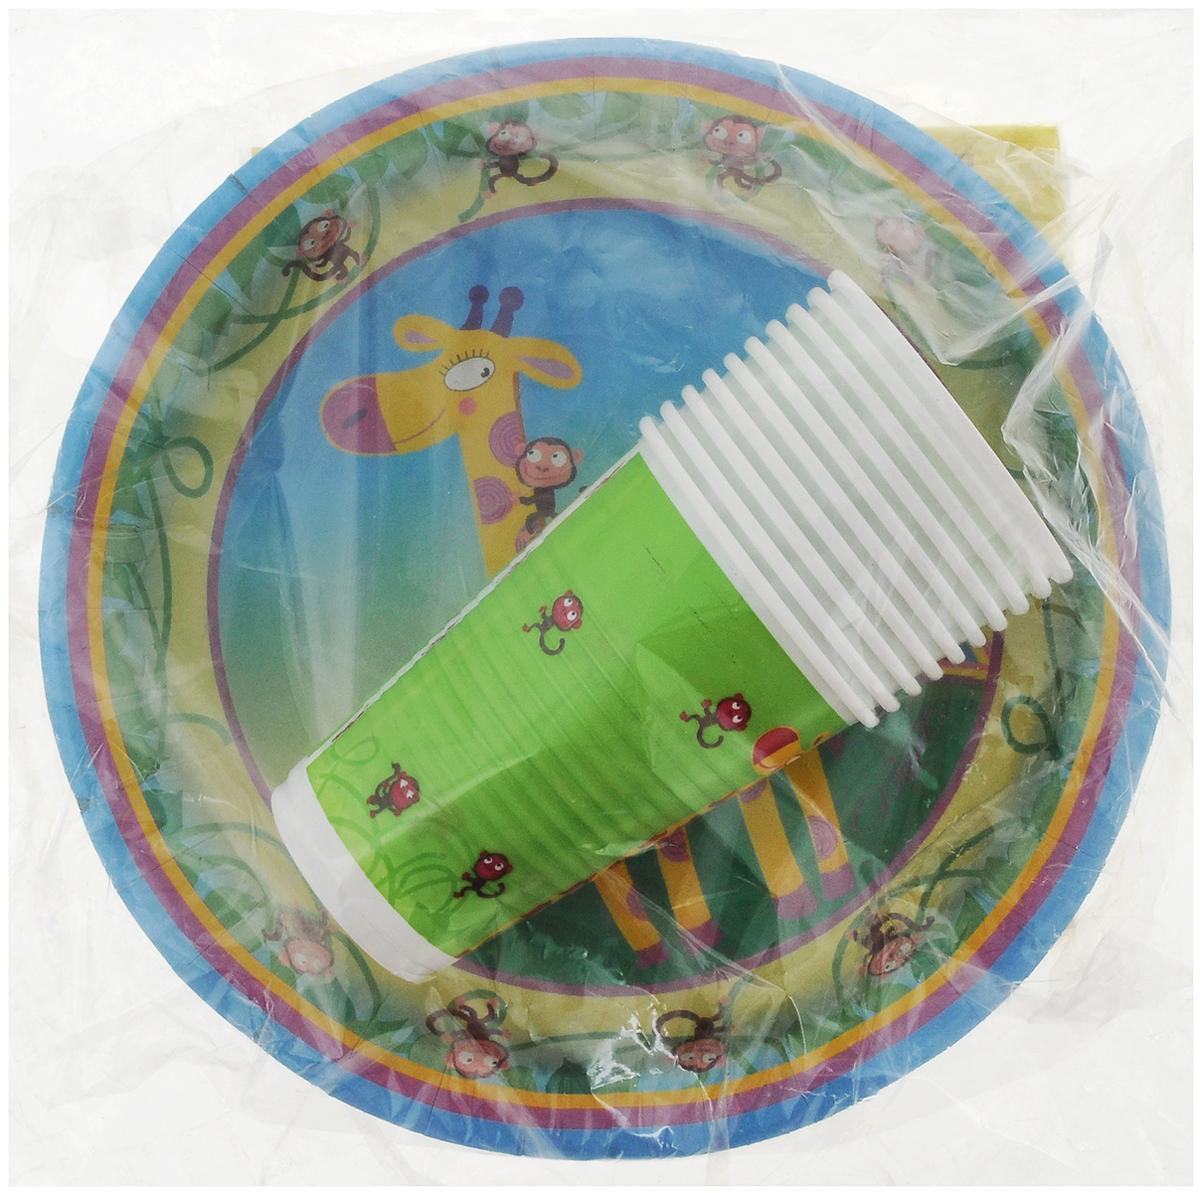 Набор одноразовой посуды Мистерия Детский, цвет: зеленый, 40 предметов набор посуды hoffberg 17 предметов цвет белый 1729hff